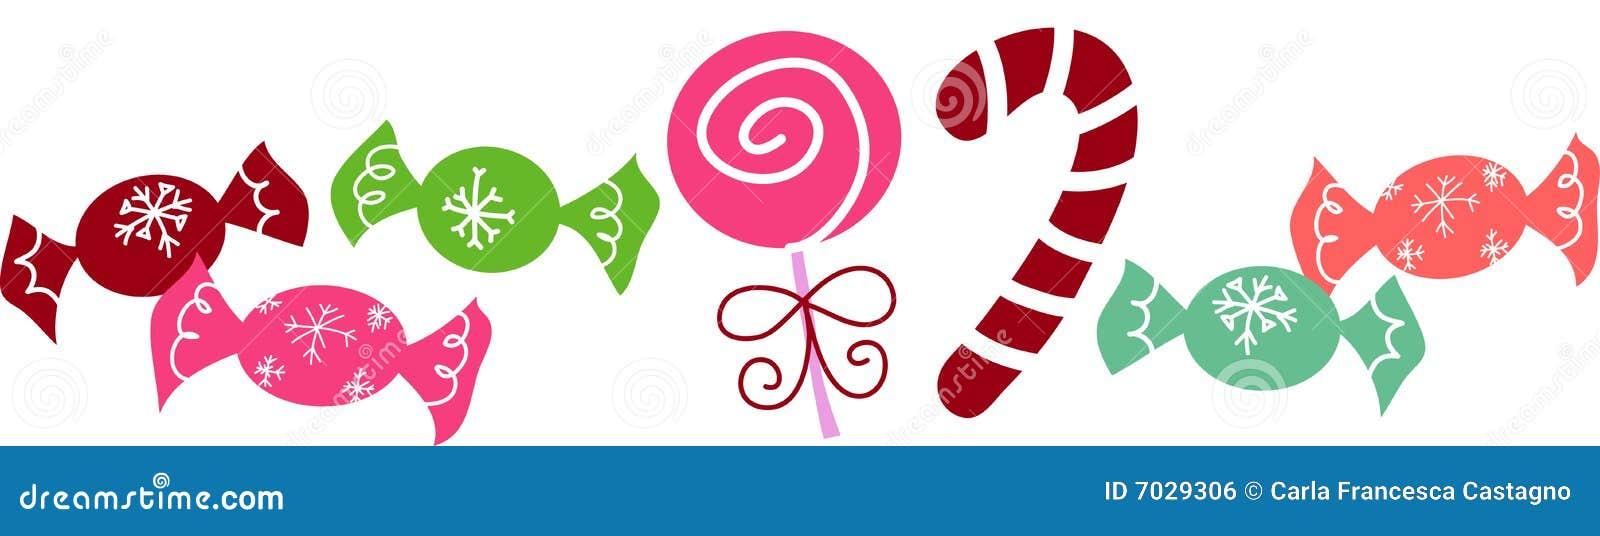 Caramelos de la navidad imagen de archivo libre de - Caramelos de navidad ...